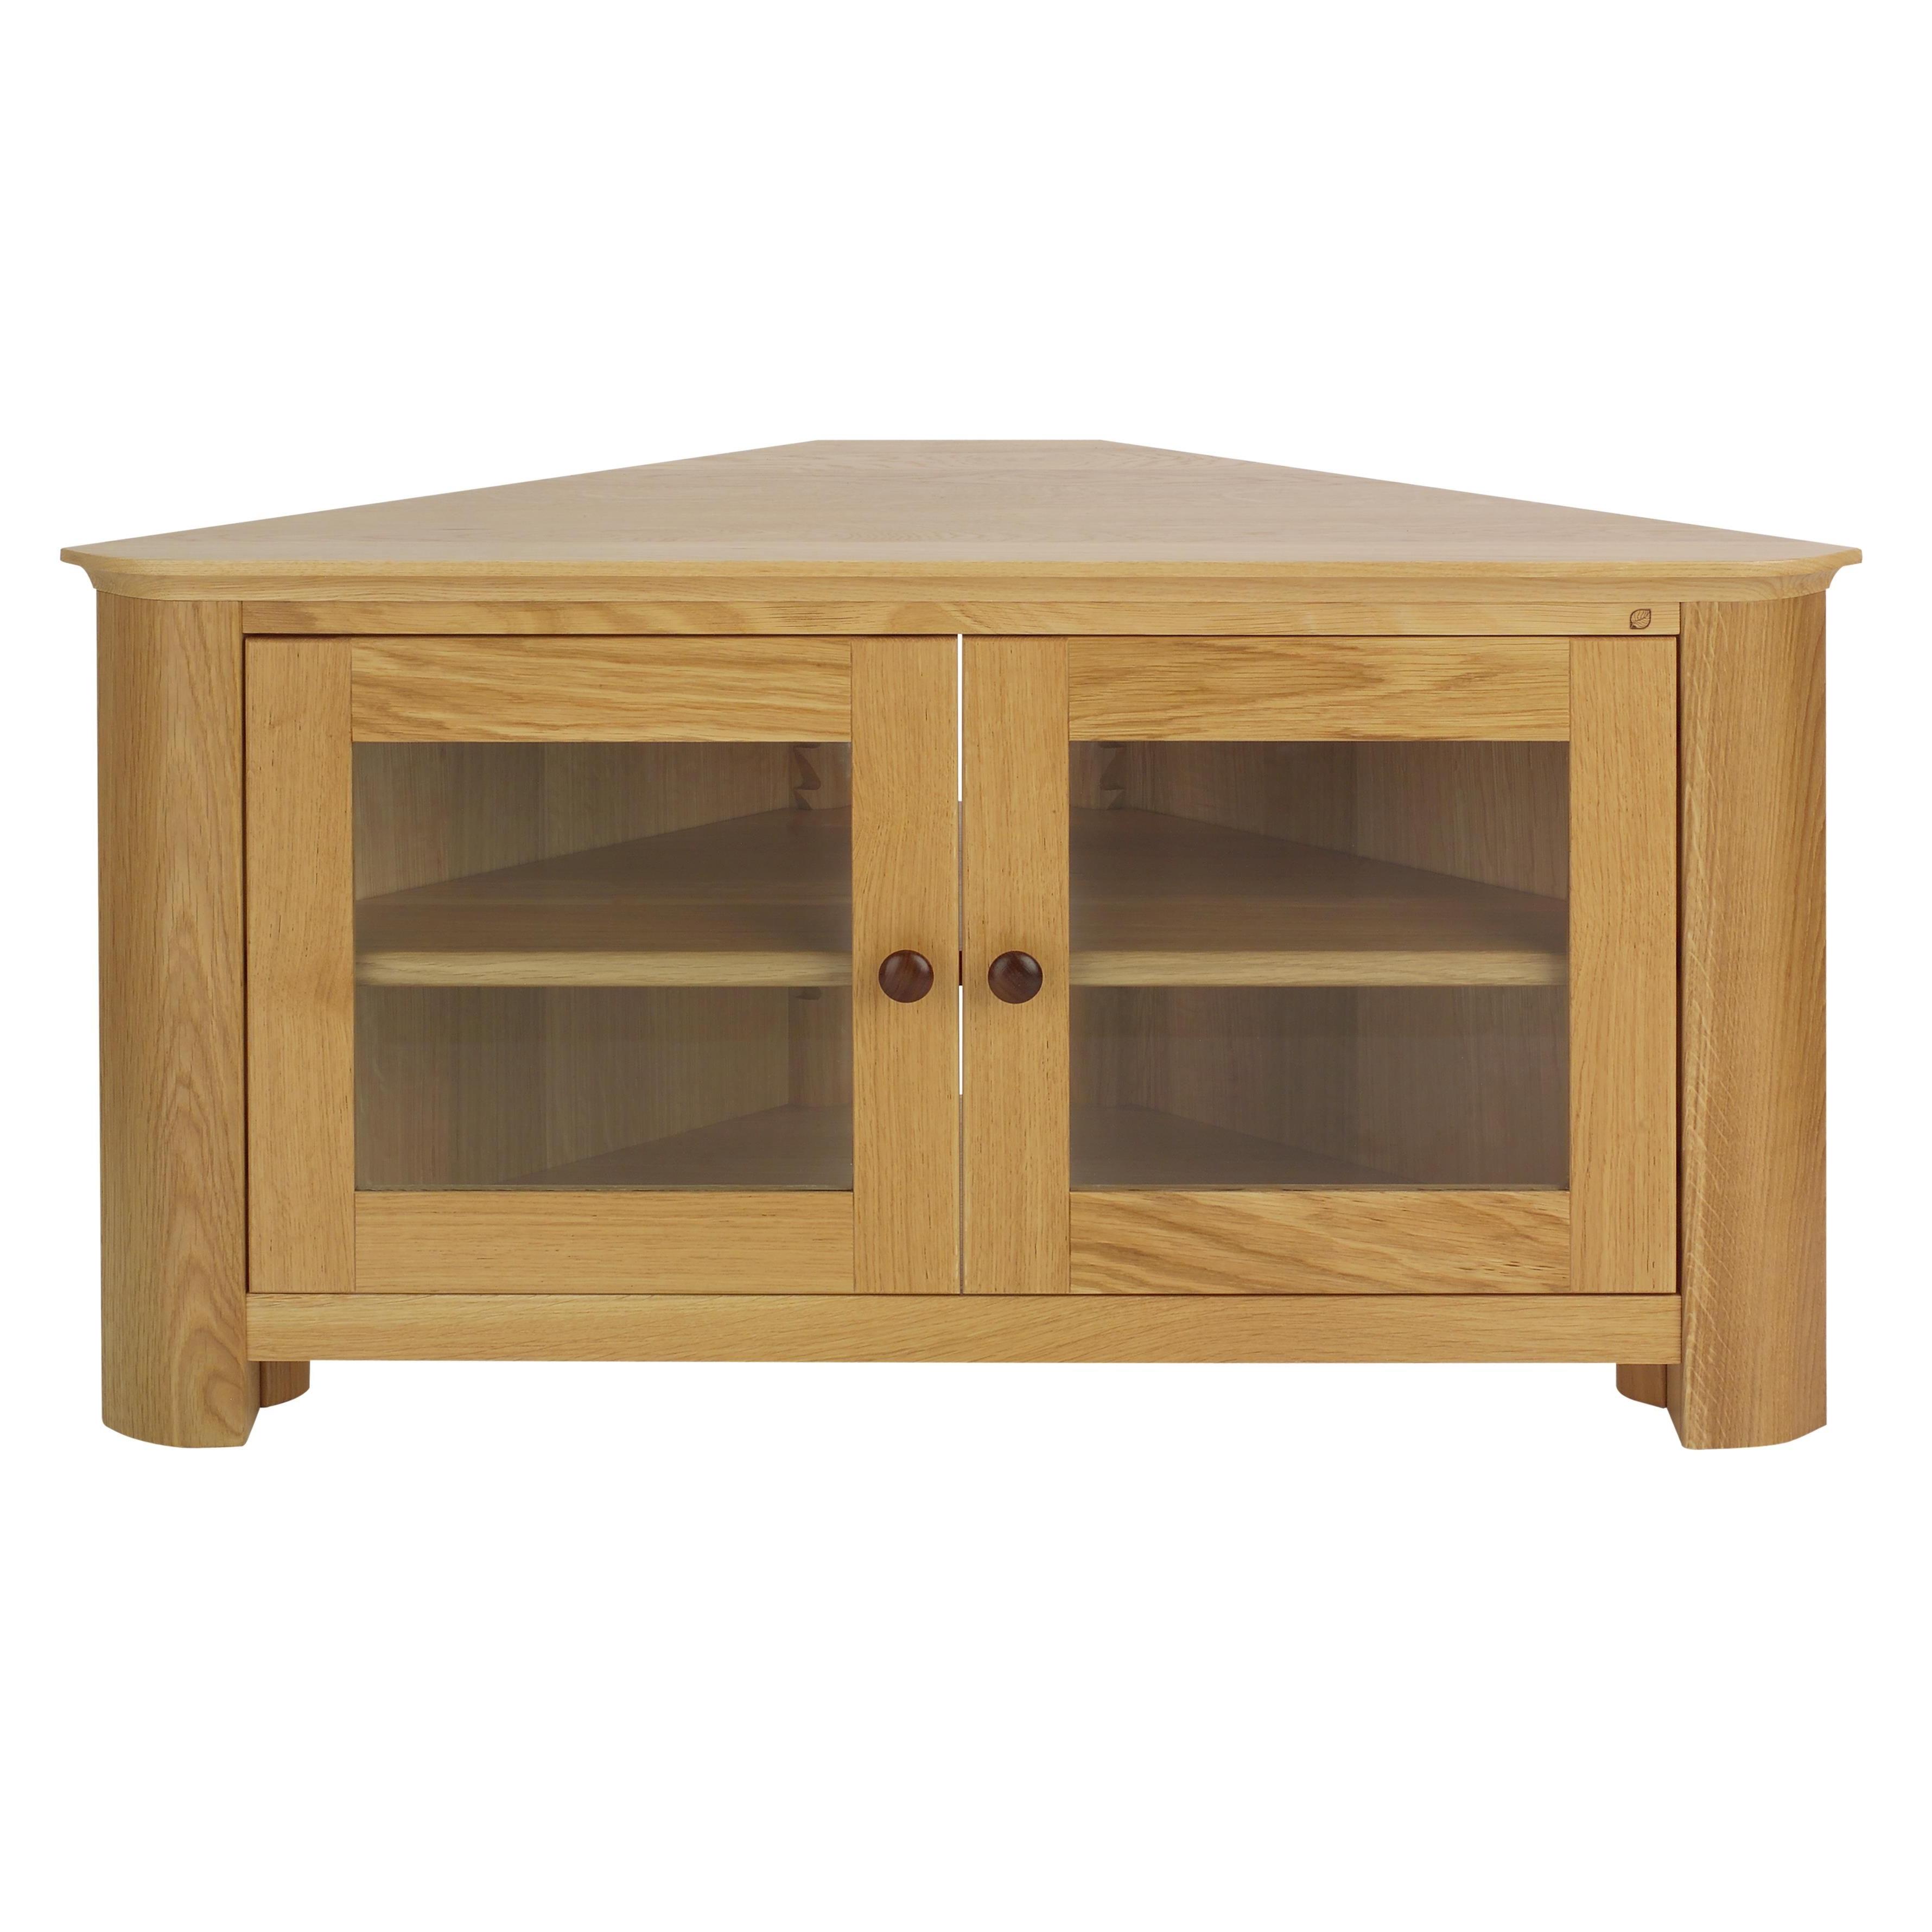 Corner Tv Cabinet With Glass Doors (Gallery 12 of 20)